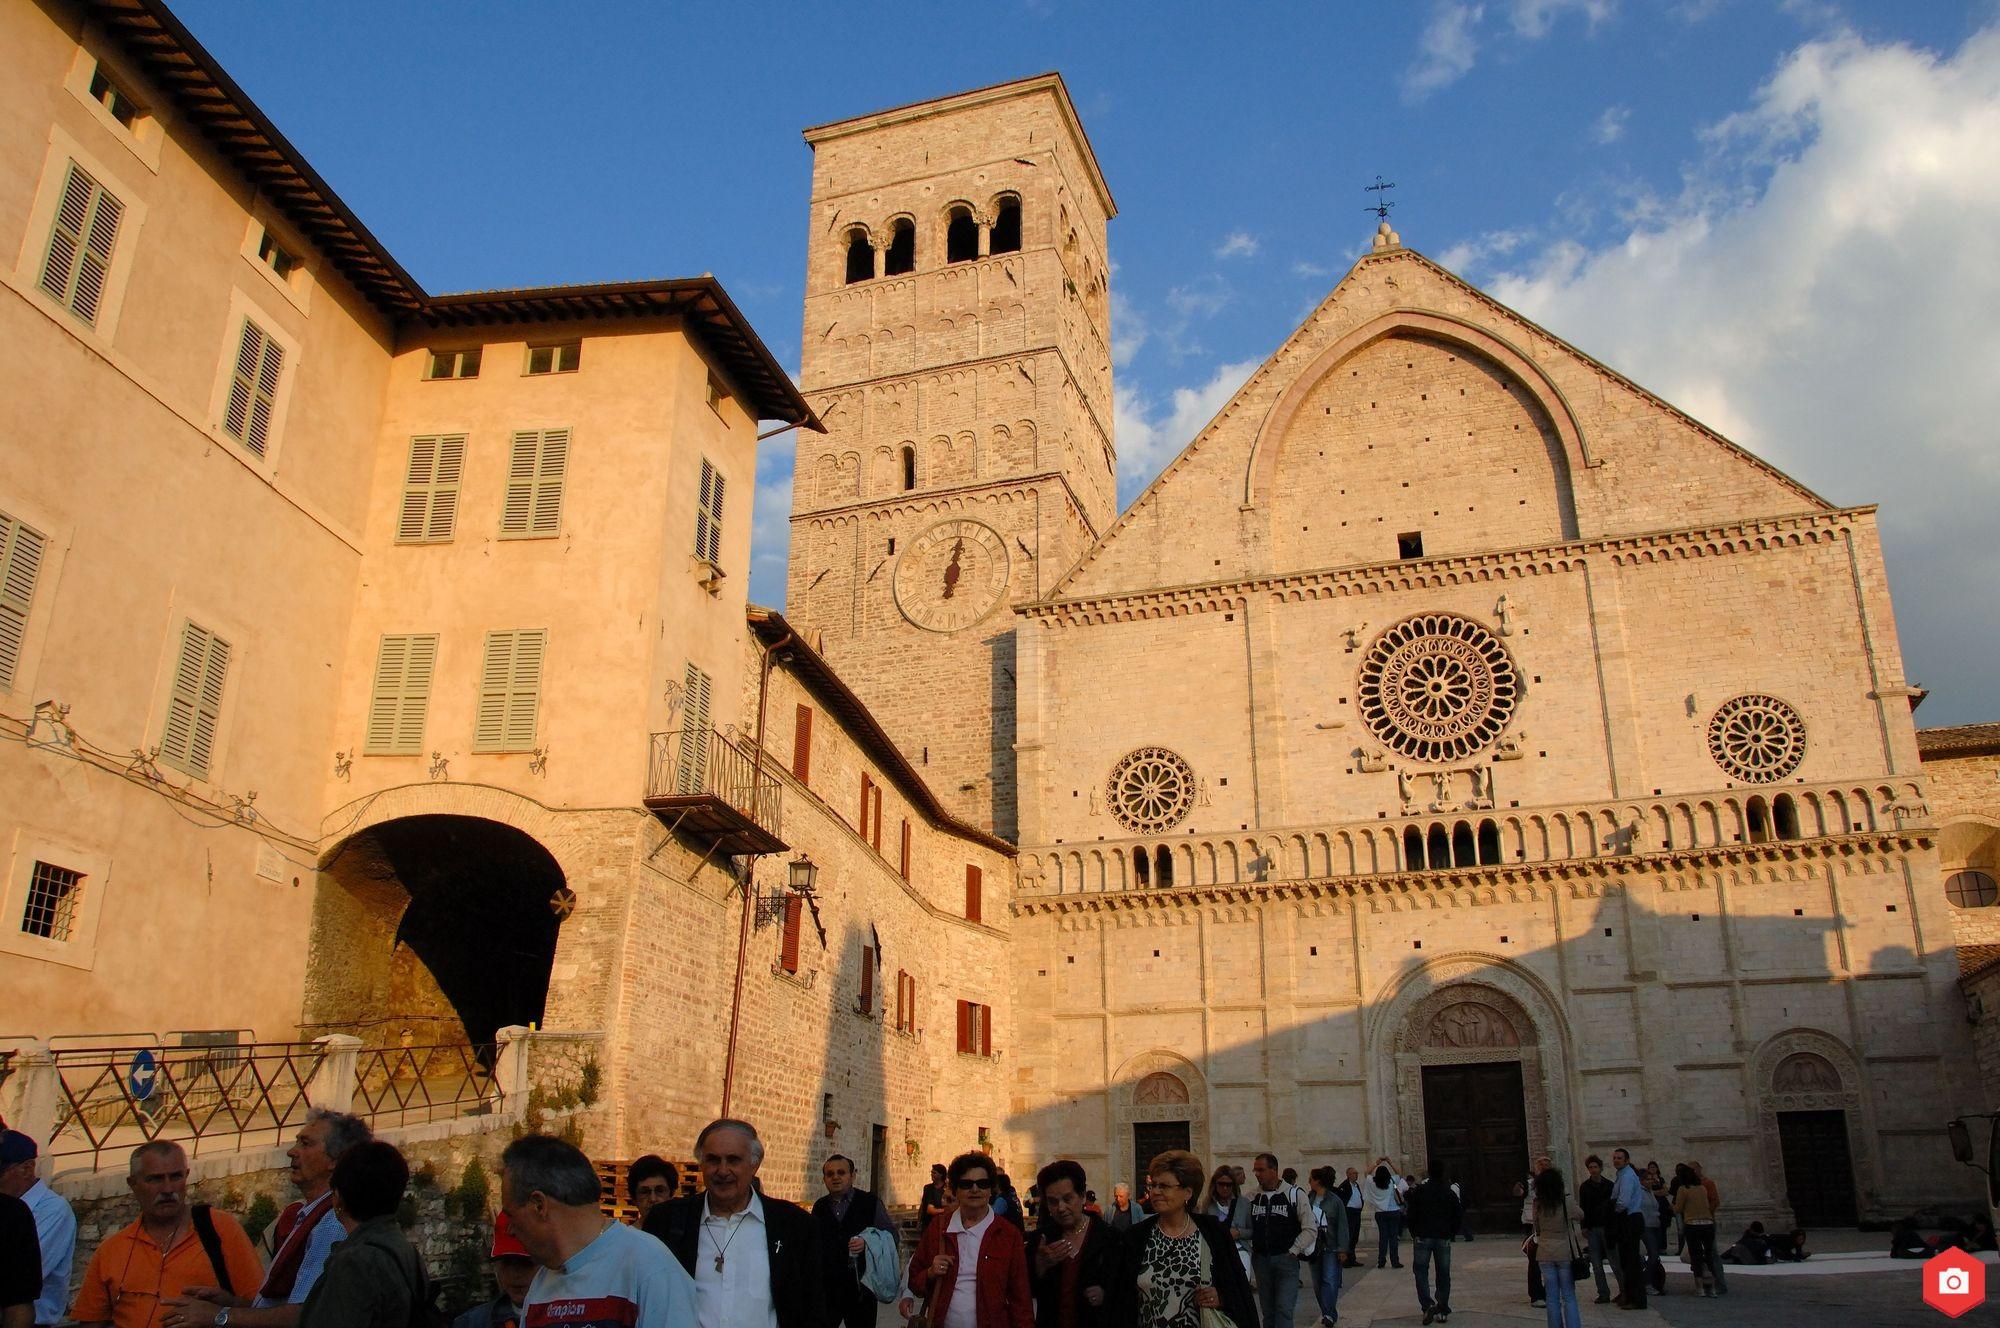 CATTEDRALE DI SAN RUFINO risultato - Assisi